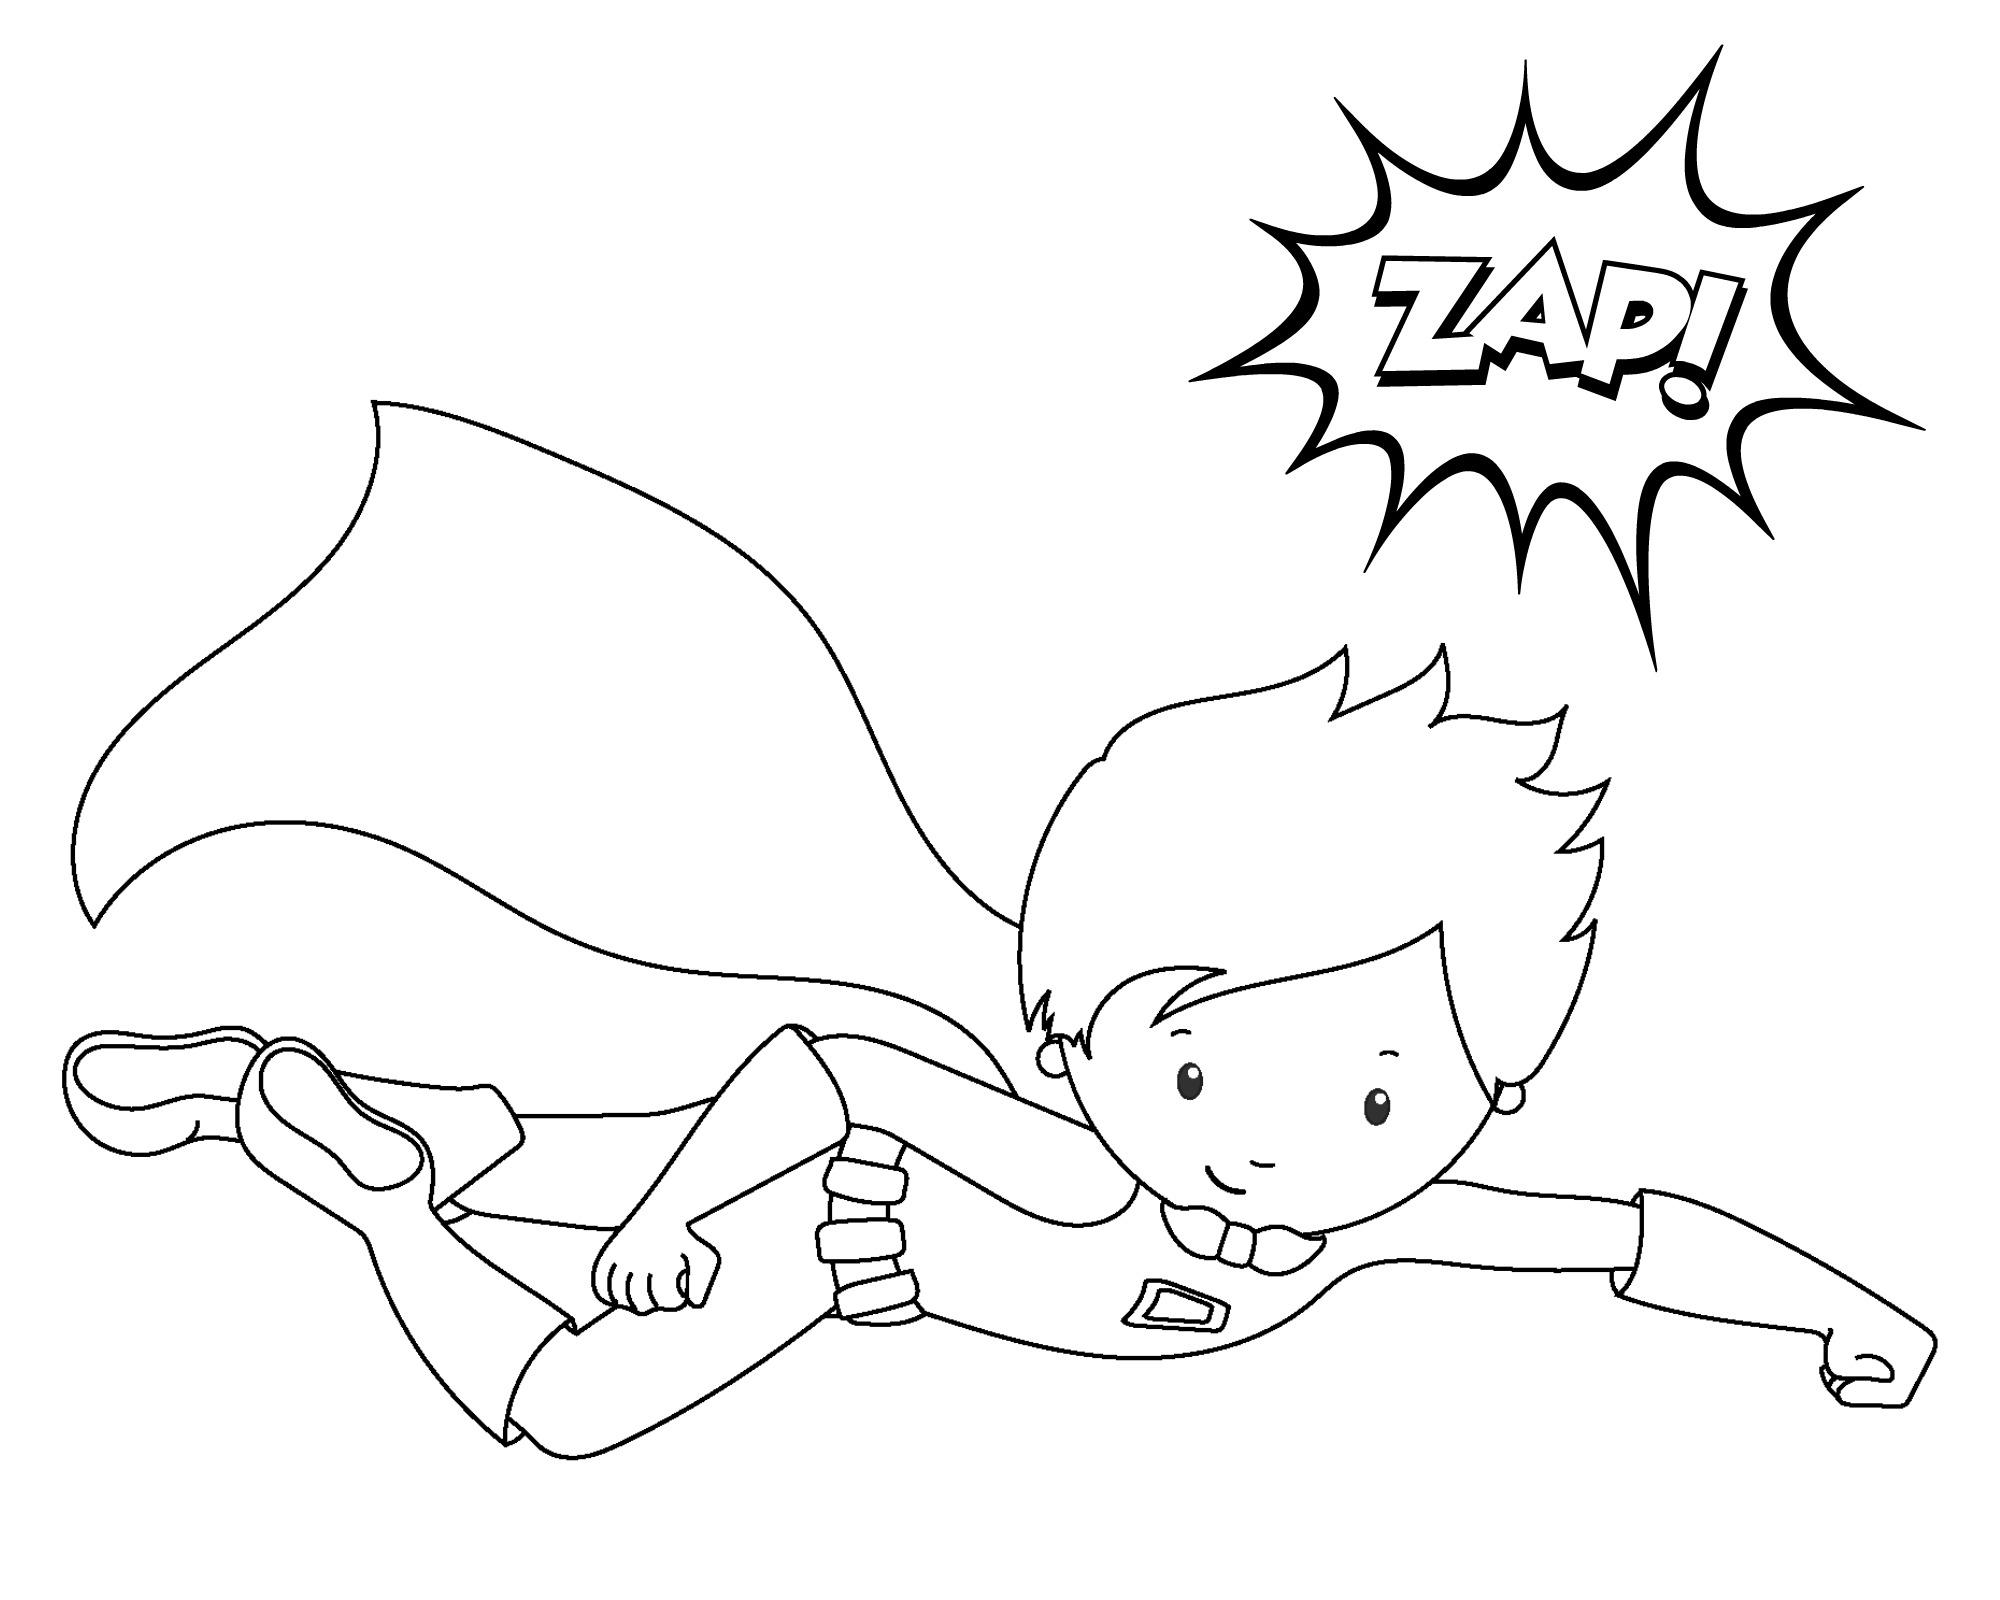 Superhero coloring #5, Download drawings